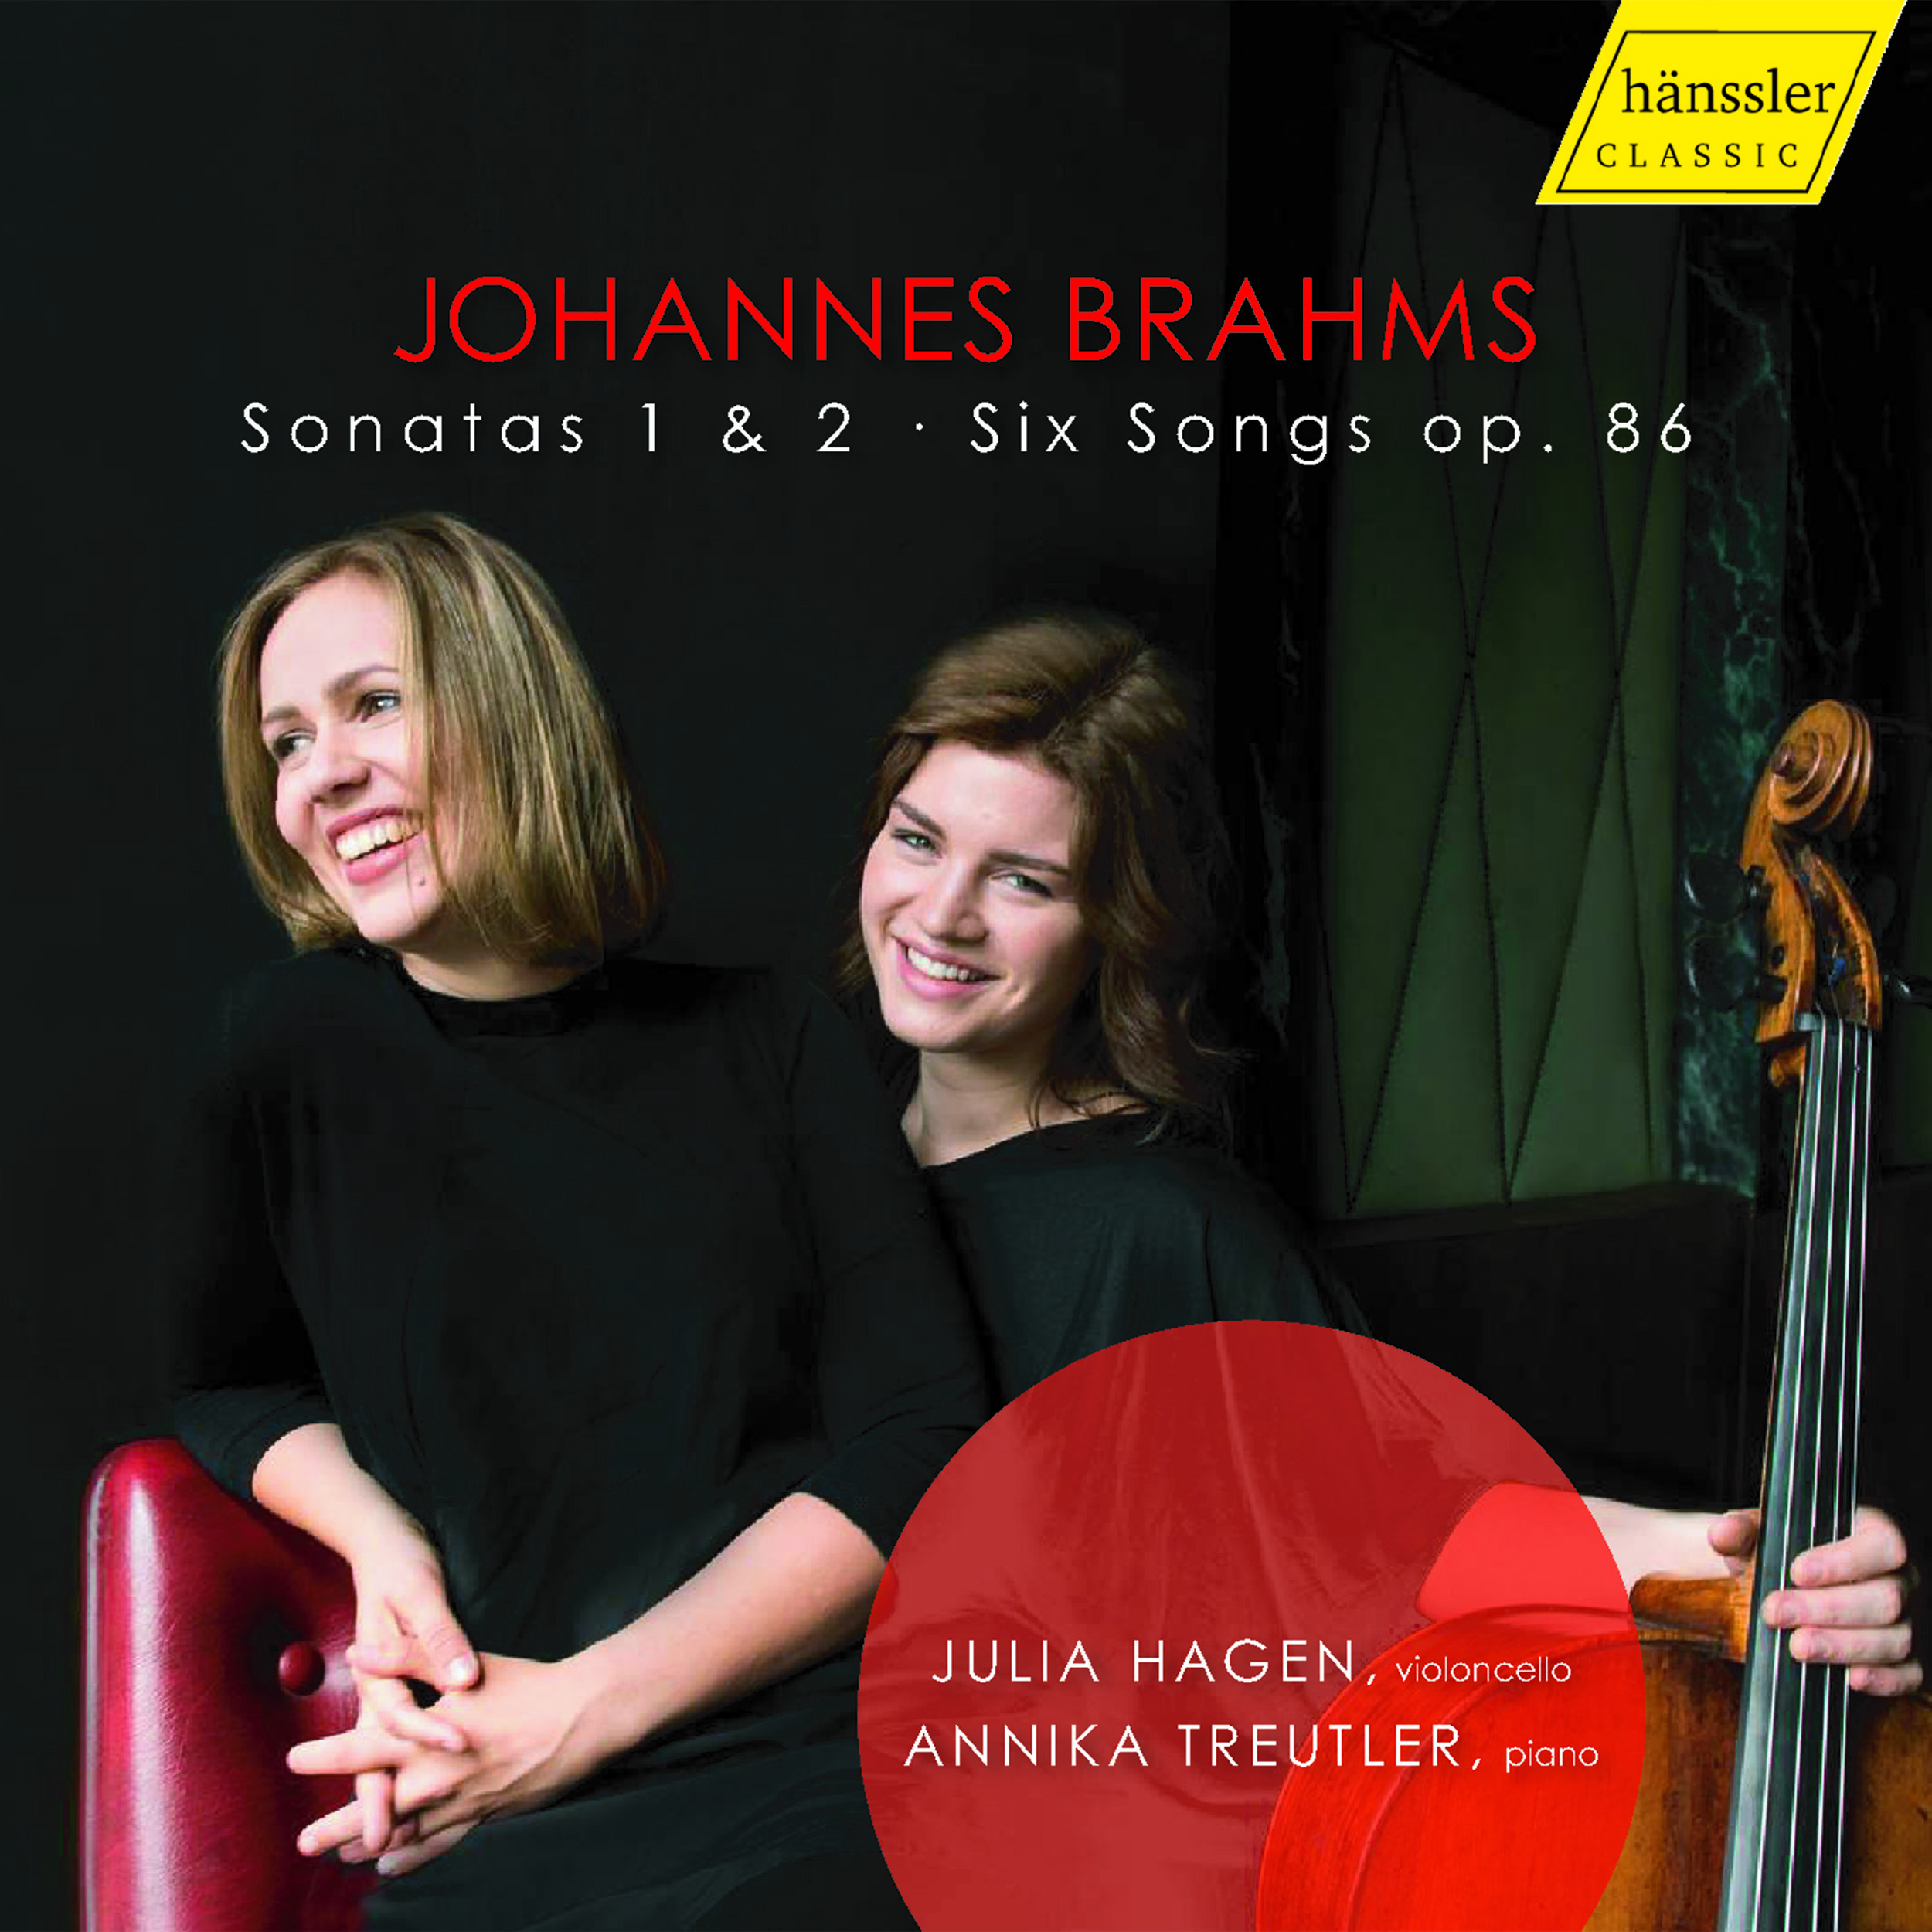 Julia_Hagen_Annika_Treutler_.Brahms.jpg